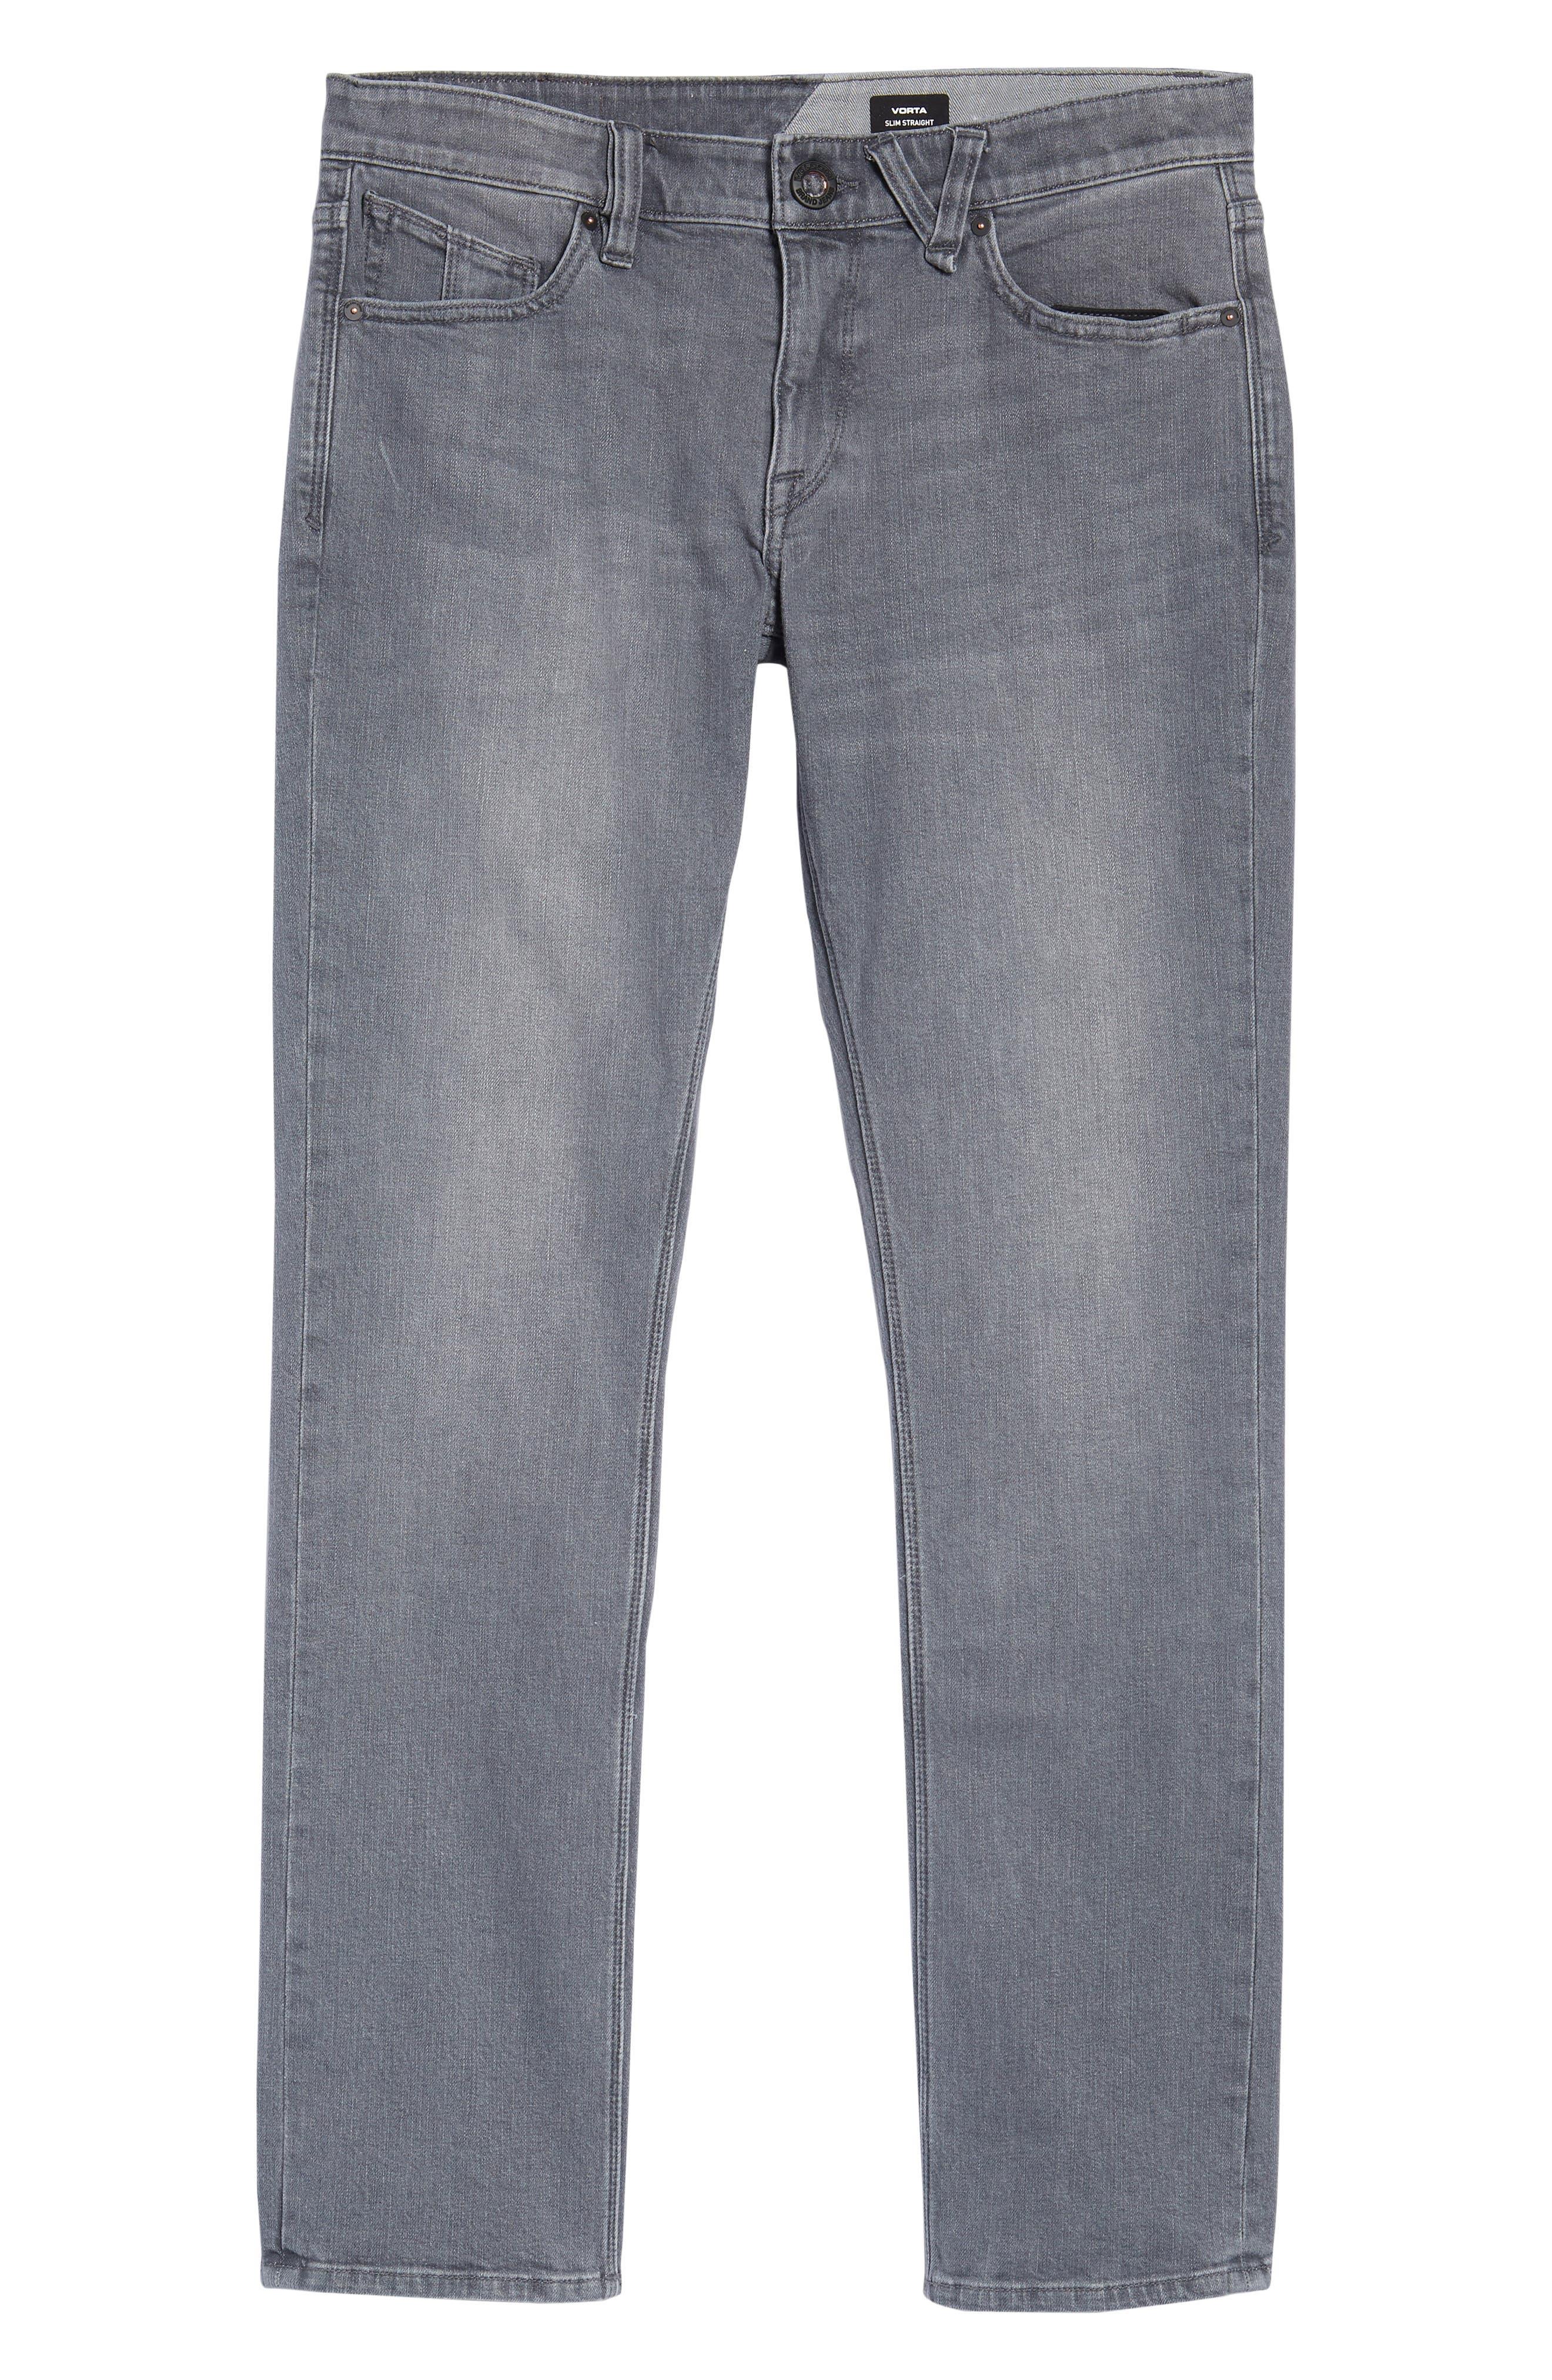 'Vorta' Slim Fit Jeans,                             Alternate thumbnail 30, color,